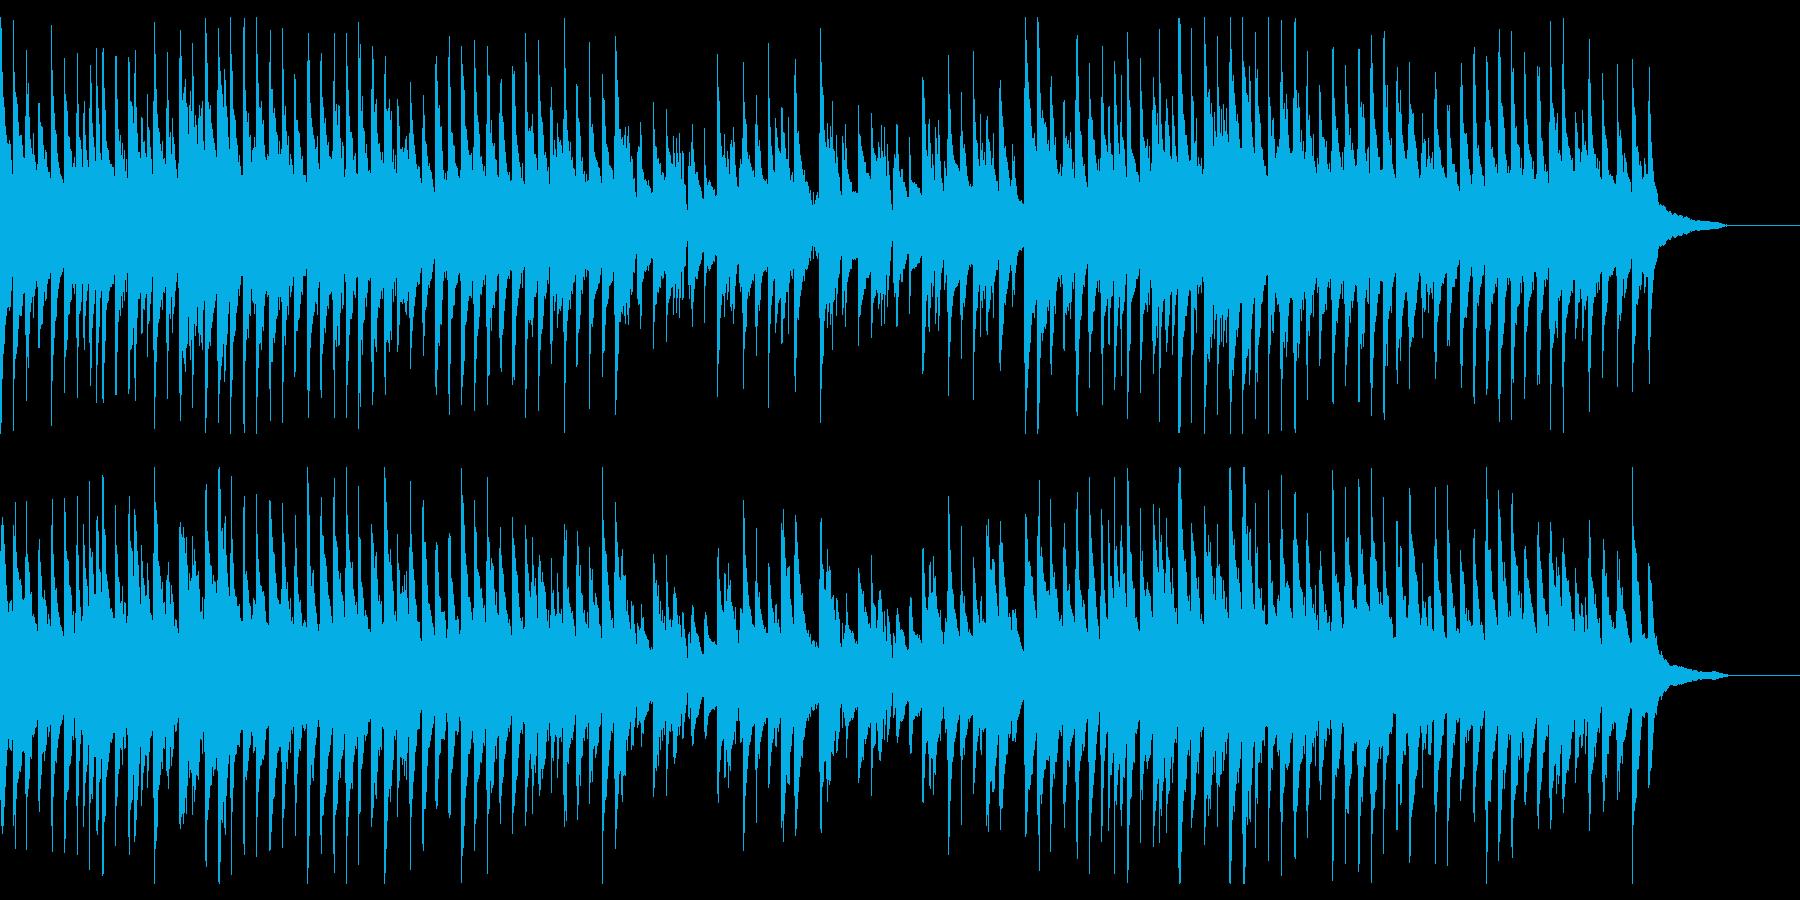 アンニュイなジャズ風のピアノの再生済みの波形